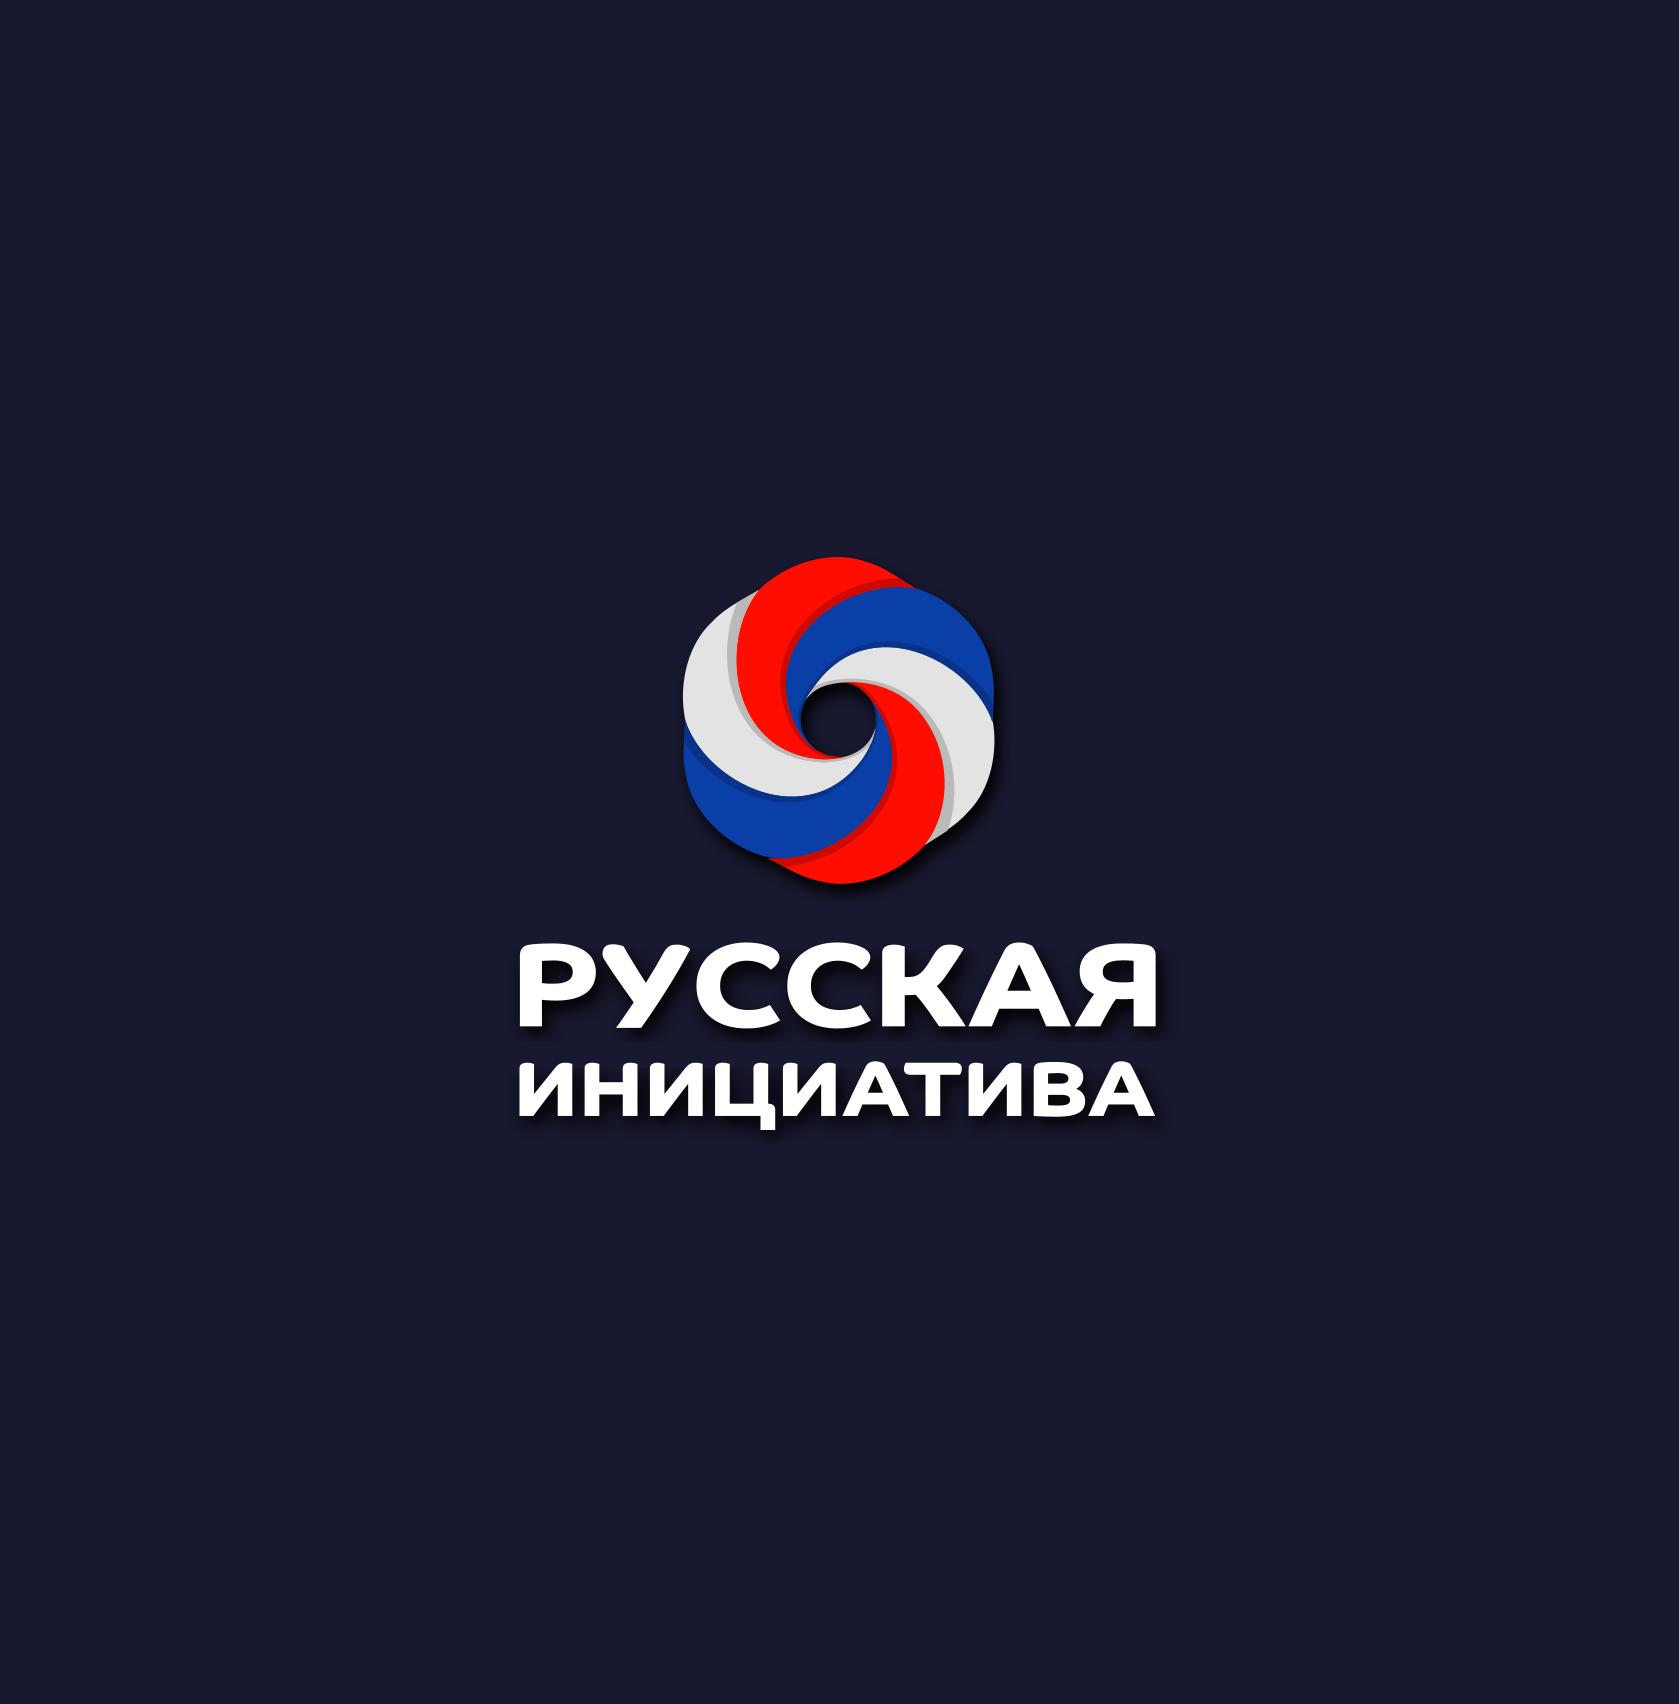 Разработать логотип для организации фото f_9285ec1642603823.png